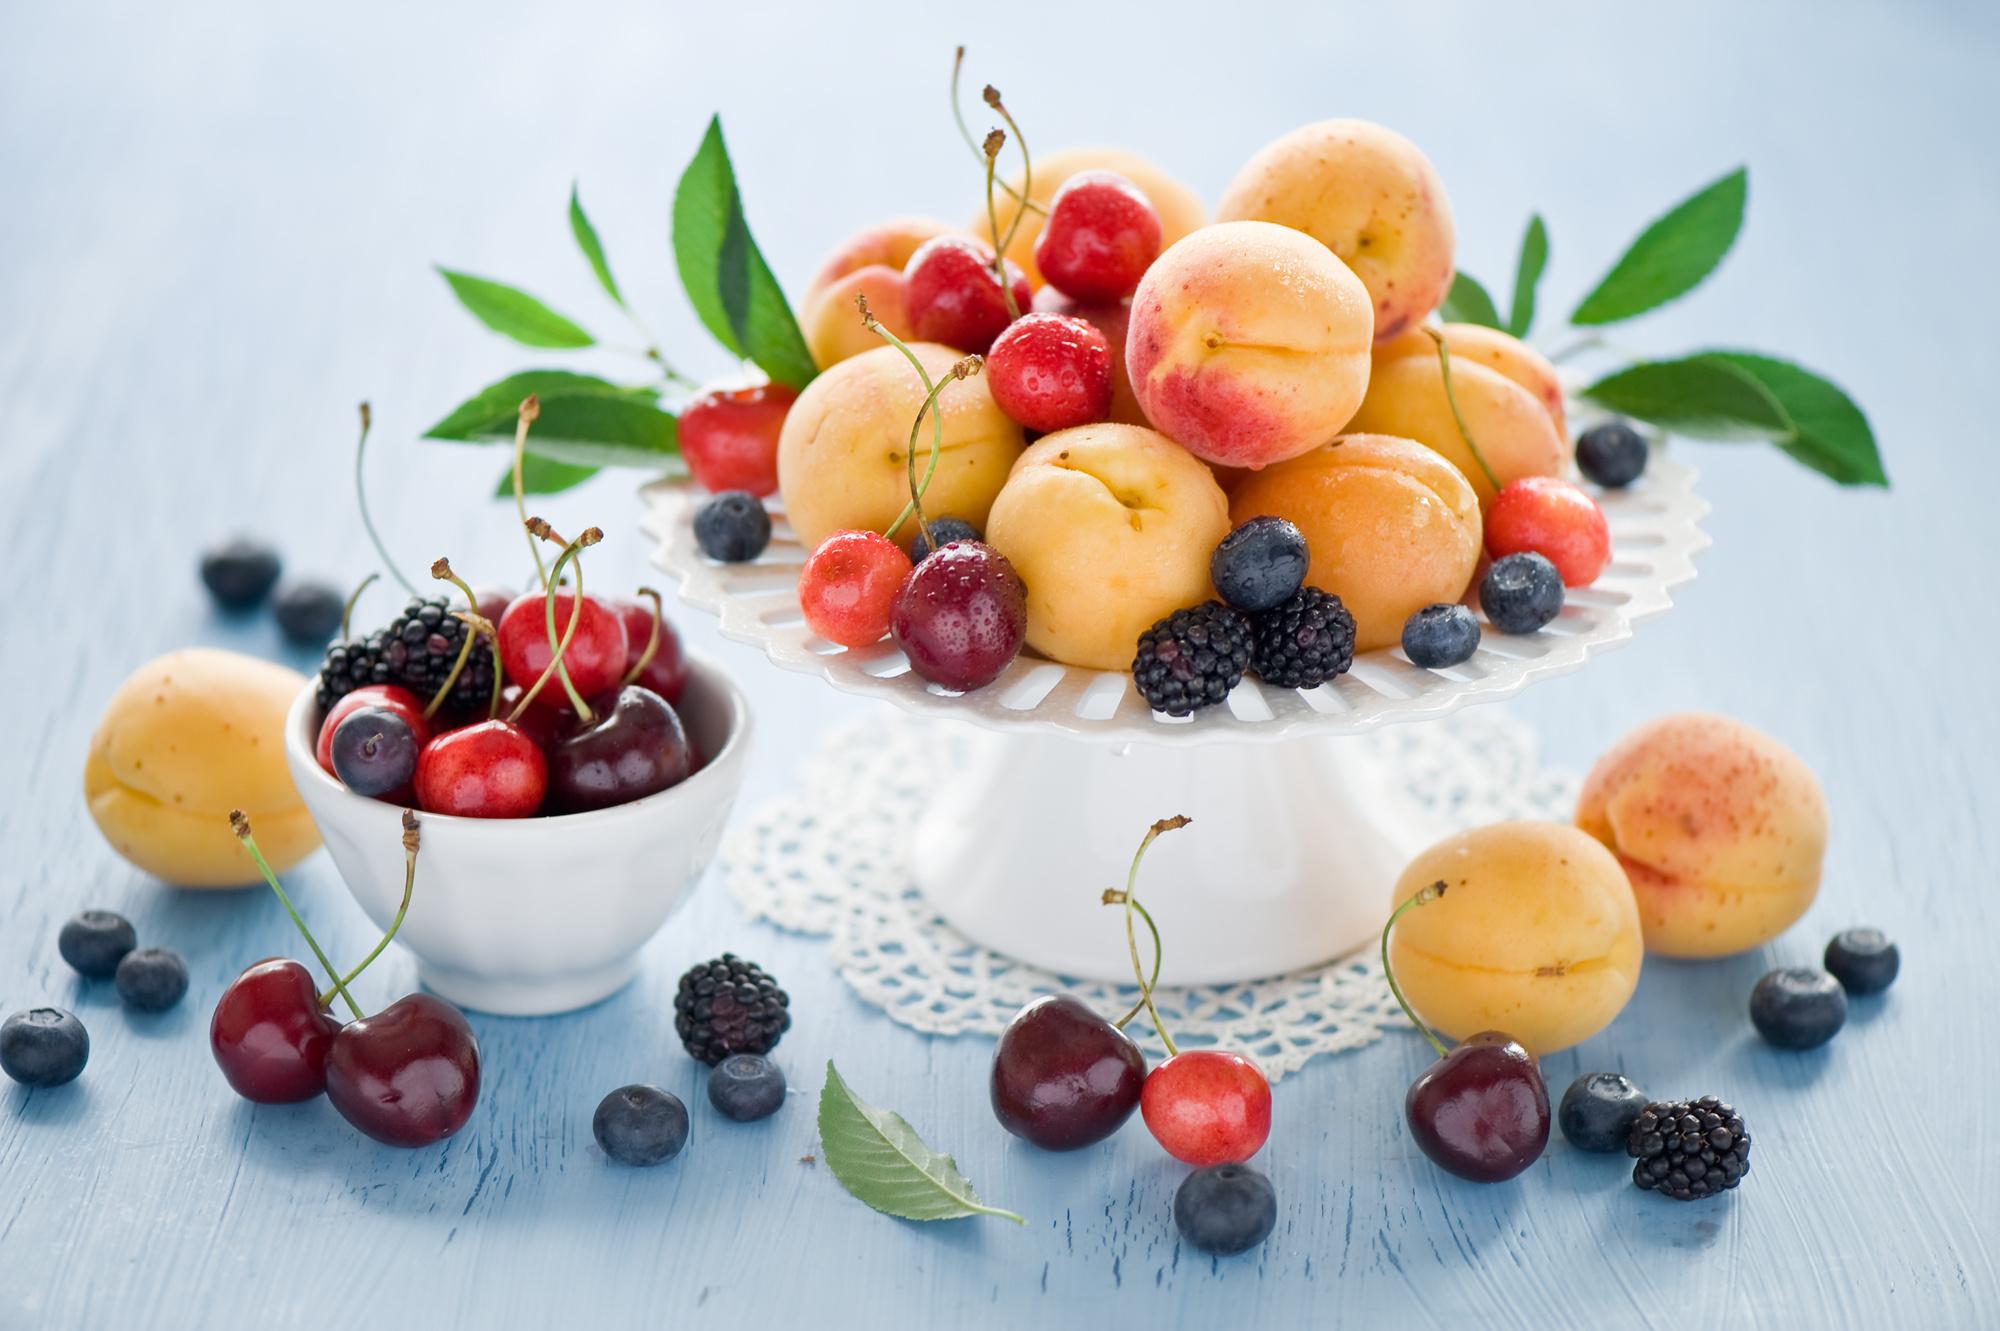 фрукты fruit  № 2921696 без смс